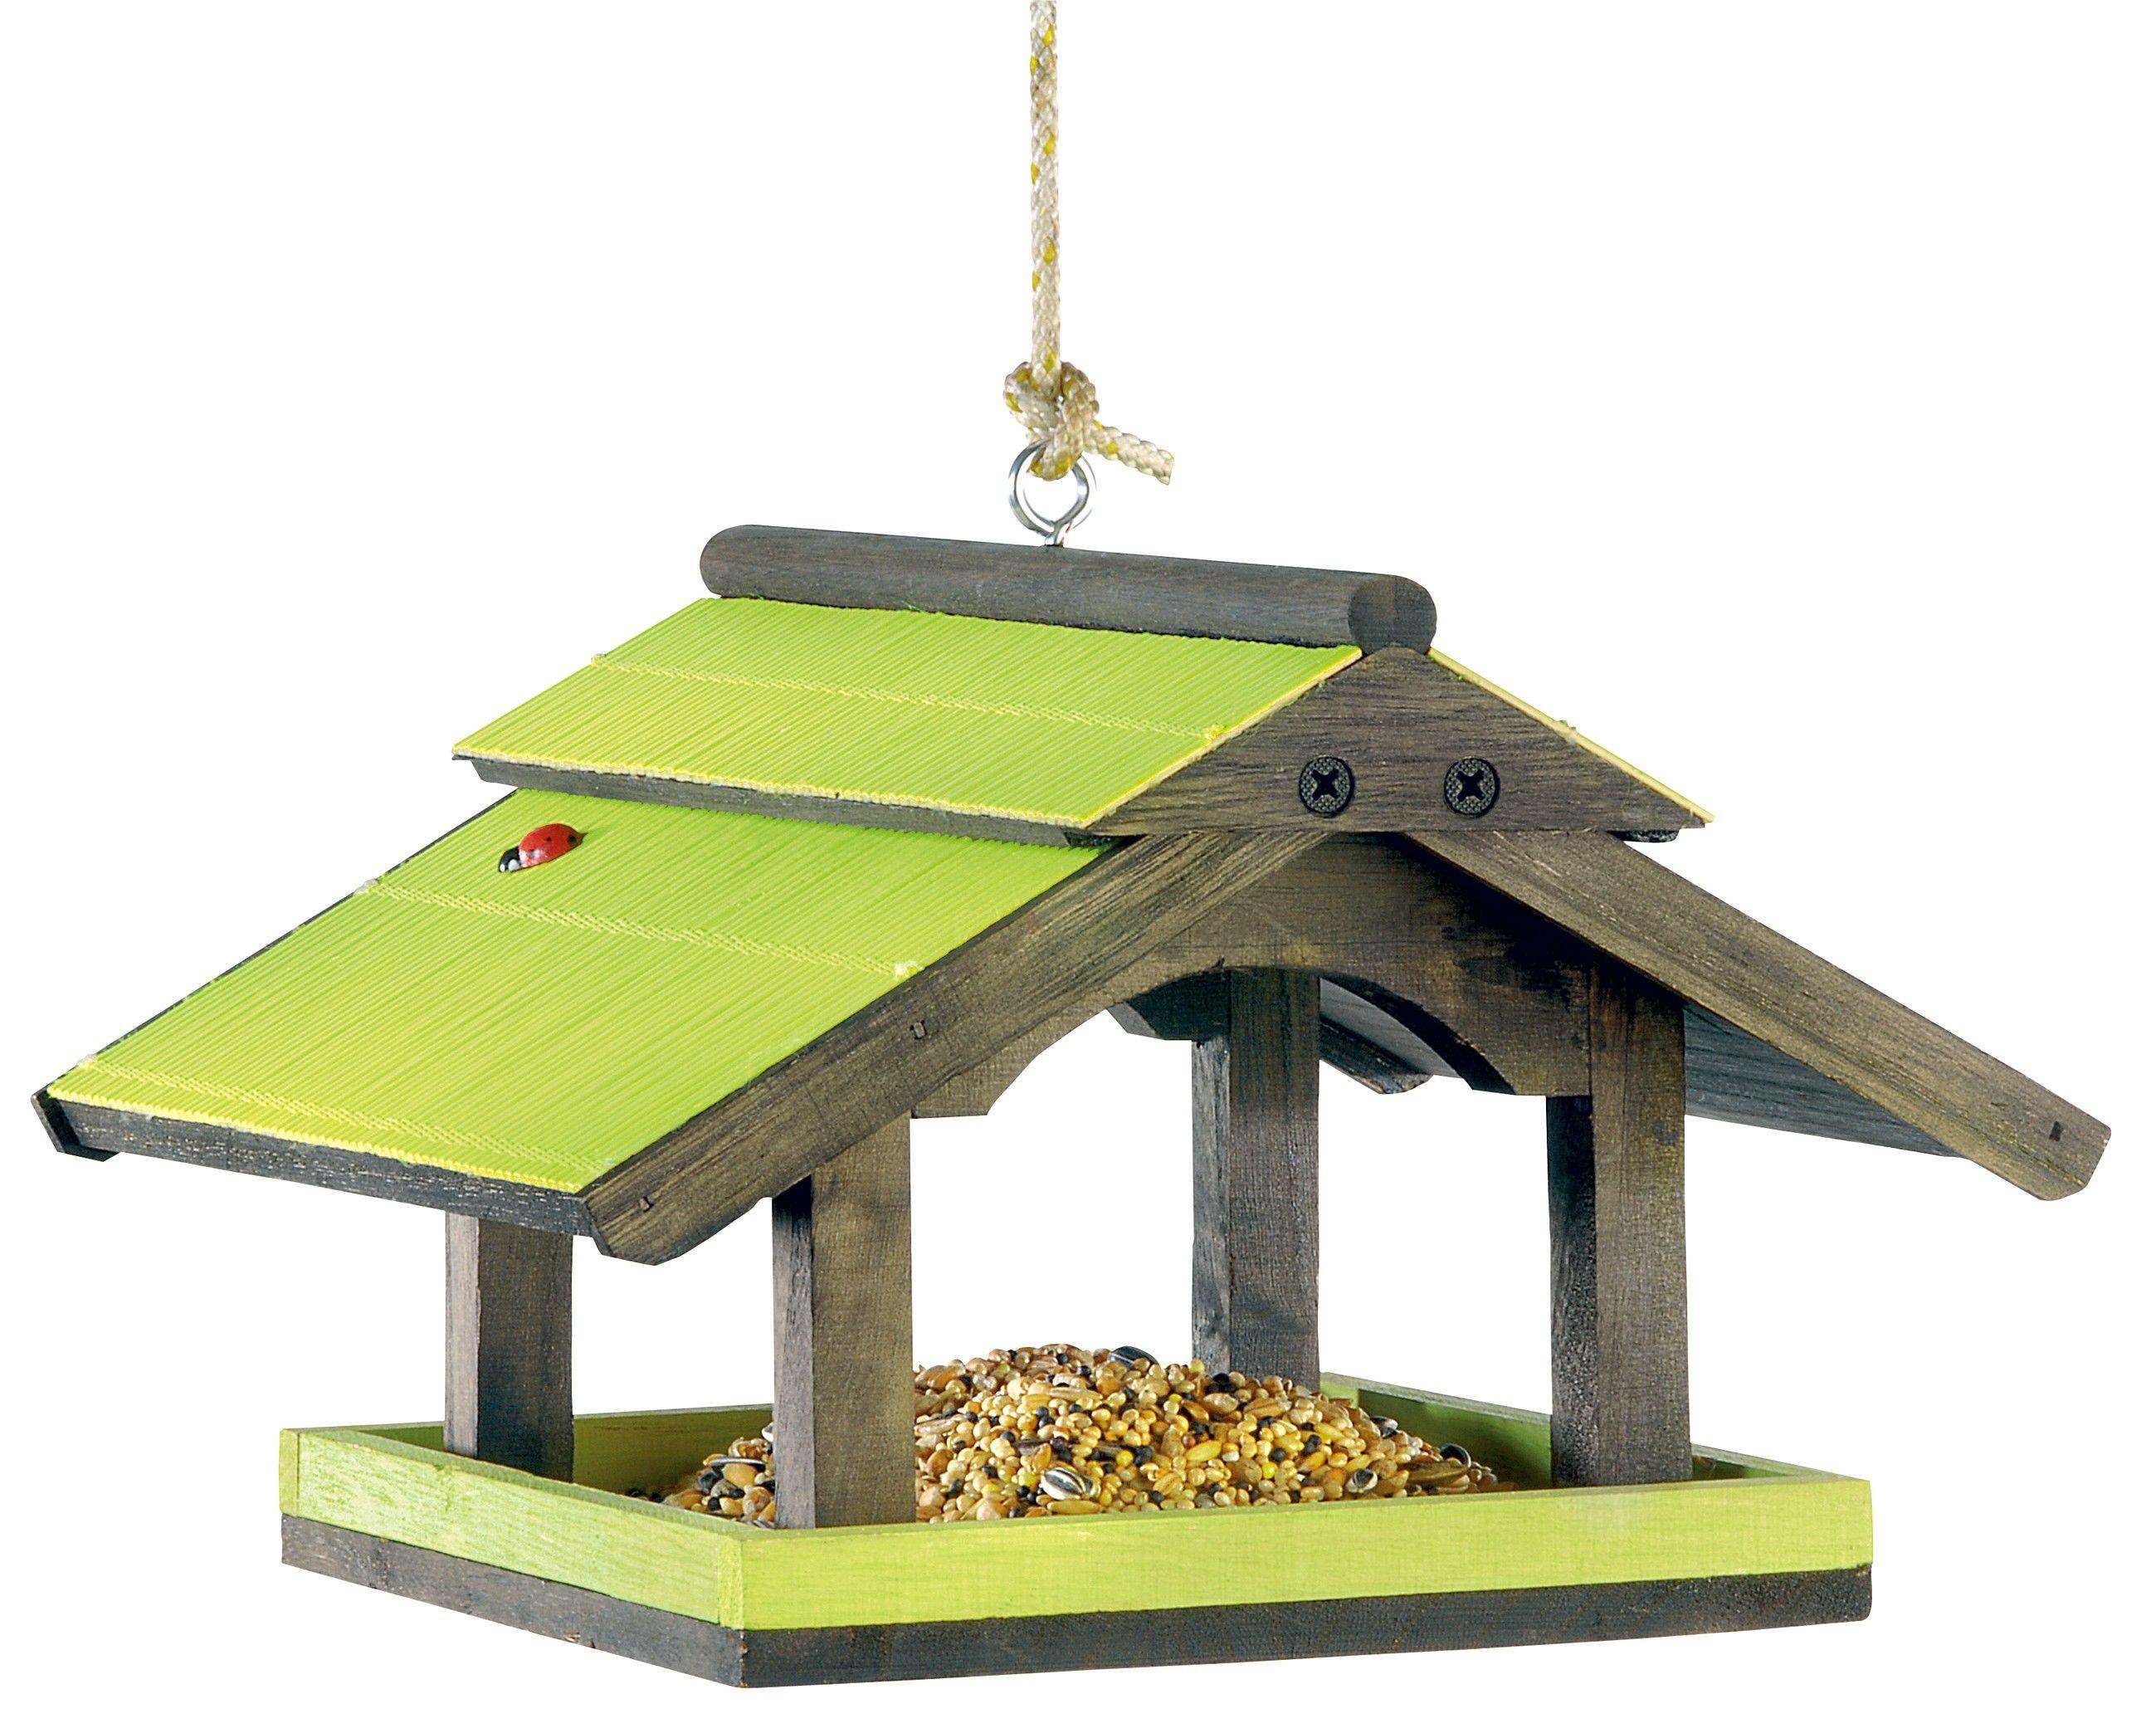 Pour prendre soin des oiseaux des jardins wanimo propose des mangeoires nichoirs abreuvoirs with - Fabriquer abreuvoir oiseaux ...